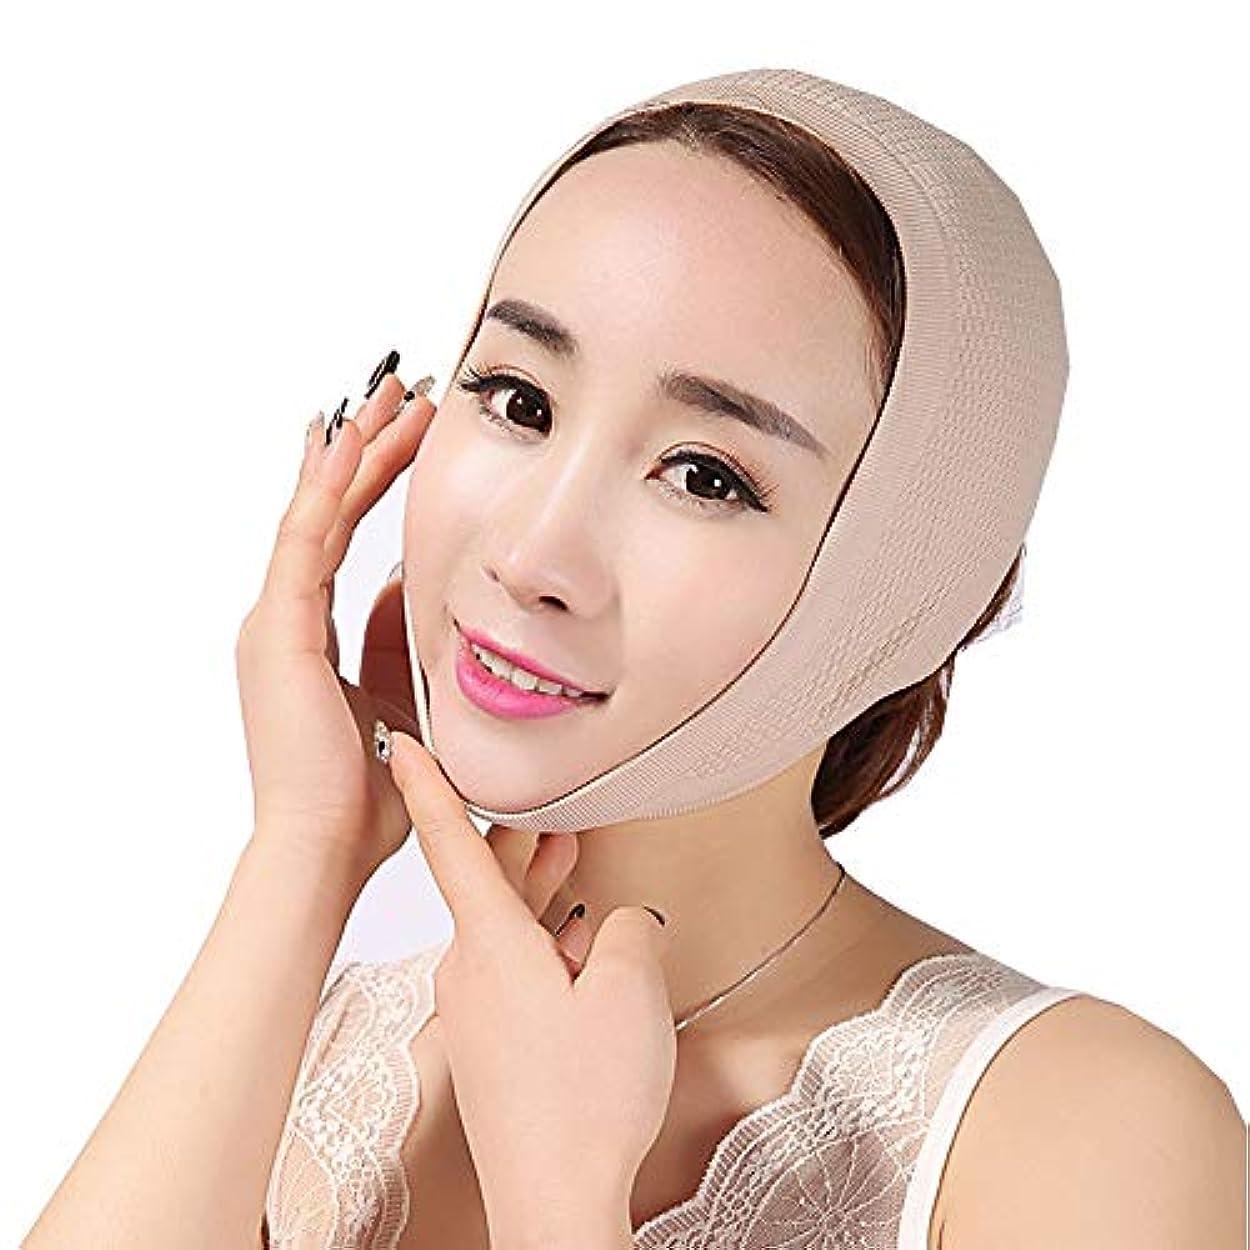 親いつか疾患GYZ フェイスマスクで眠る薄い顔フェイスリフトフェイスリフトアーティファクトスモールフェイスVフェイスリフト付きフェイスフェイス包帯引き上げジョーセット Thin Face Belt